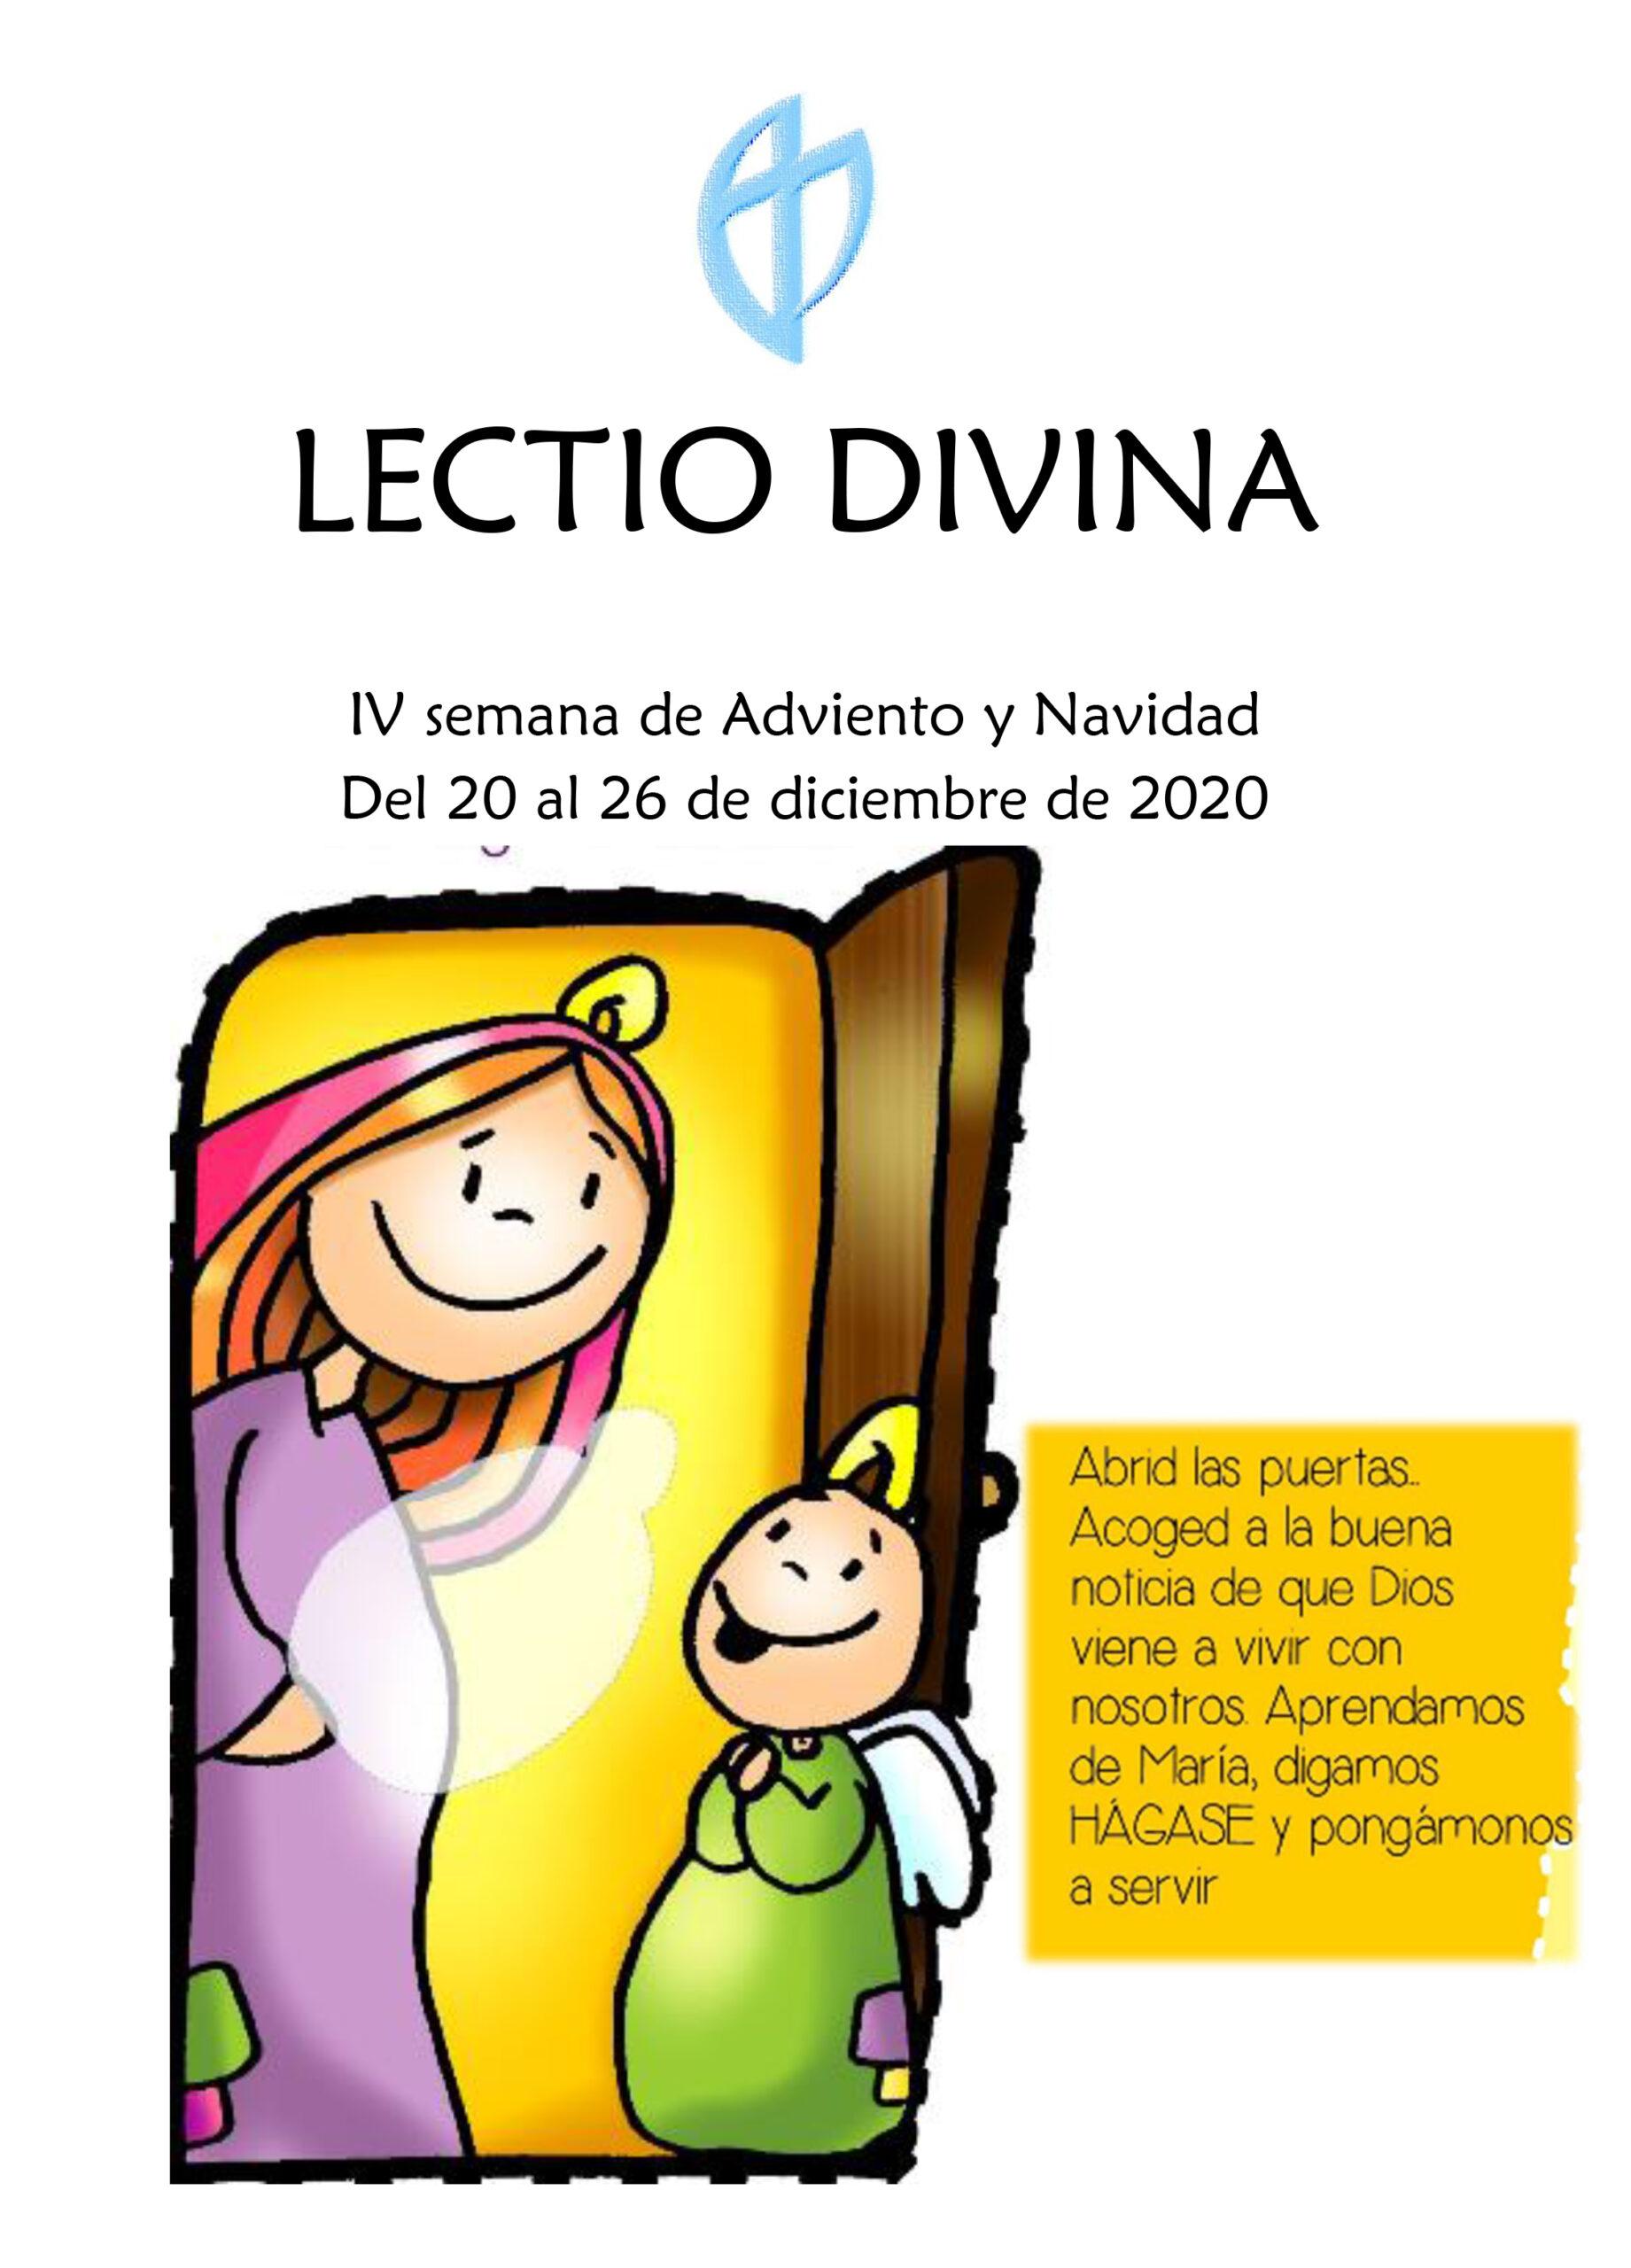 IV semana de Adviento y Navidad (Del 20 al 26 de diciembre de 2020)